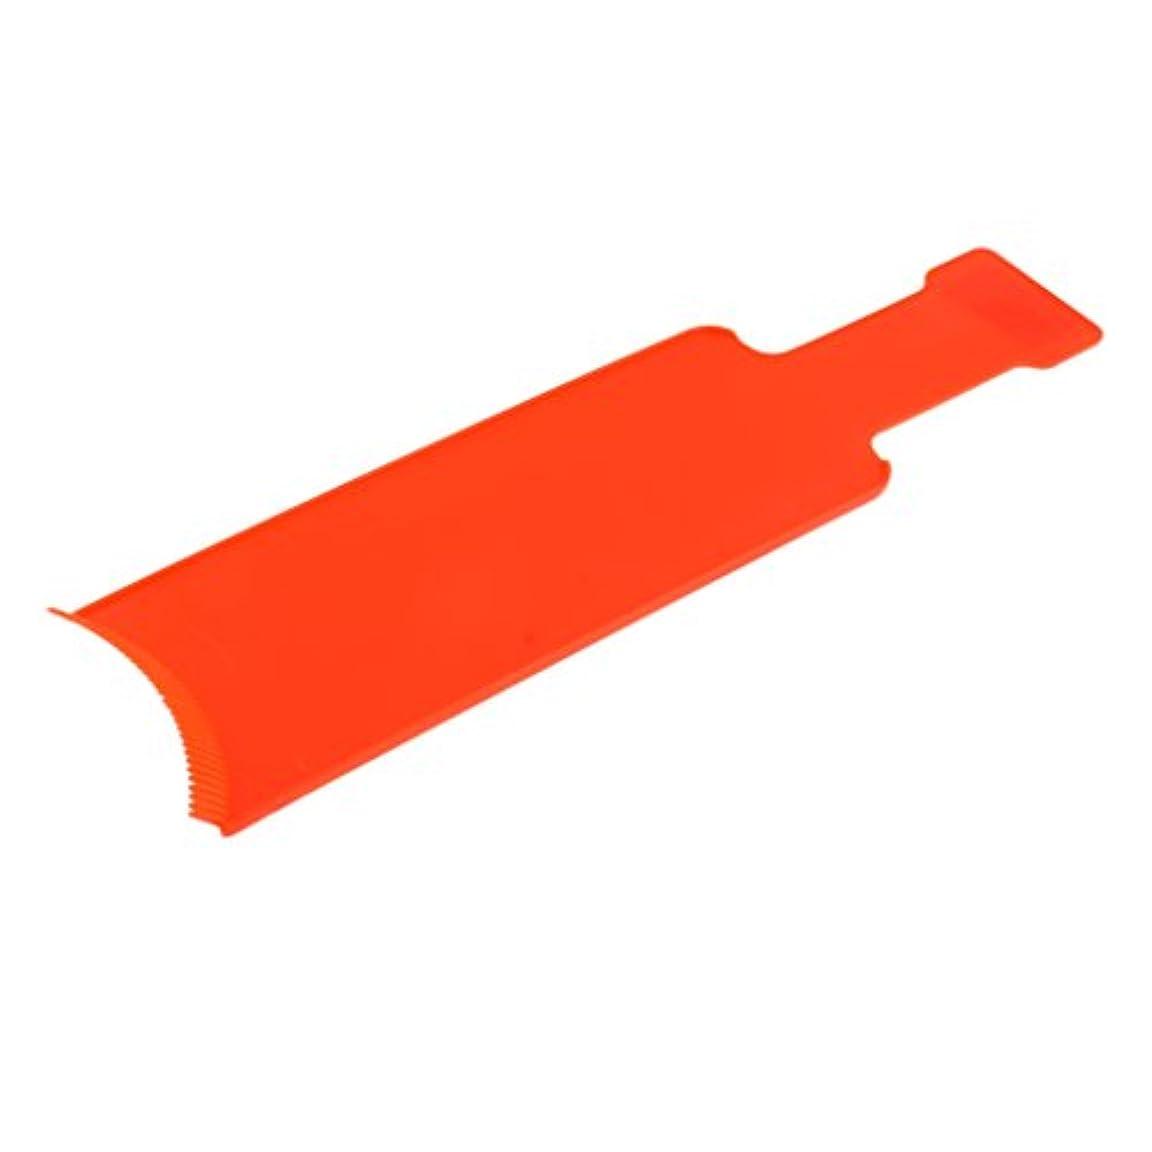 キャメル無駄容疑者染色櫛プレート 染めボード ヘアカラー 櫛 着色ボード ヘアブラシ セルフヘルプ プロ 家庭用 2サイズ2色選べる - オレンジ, L